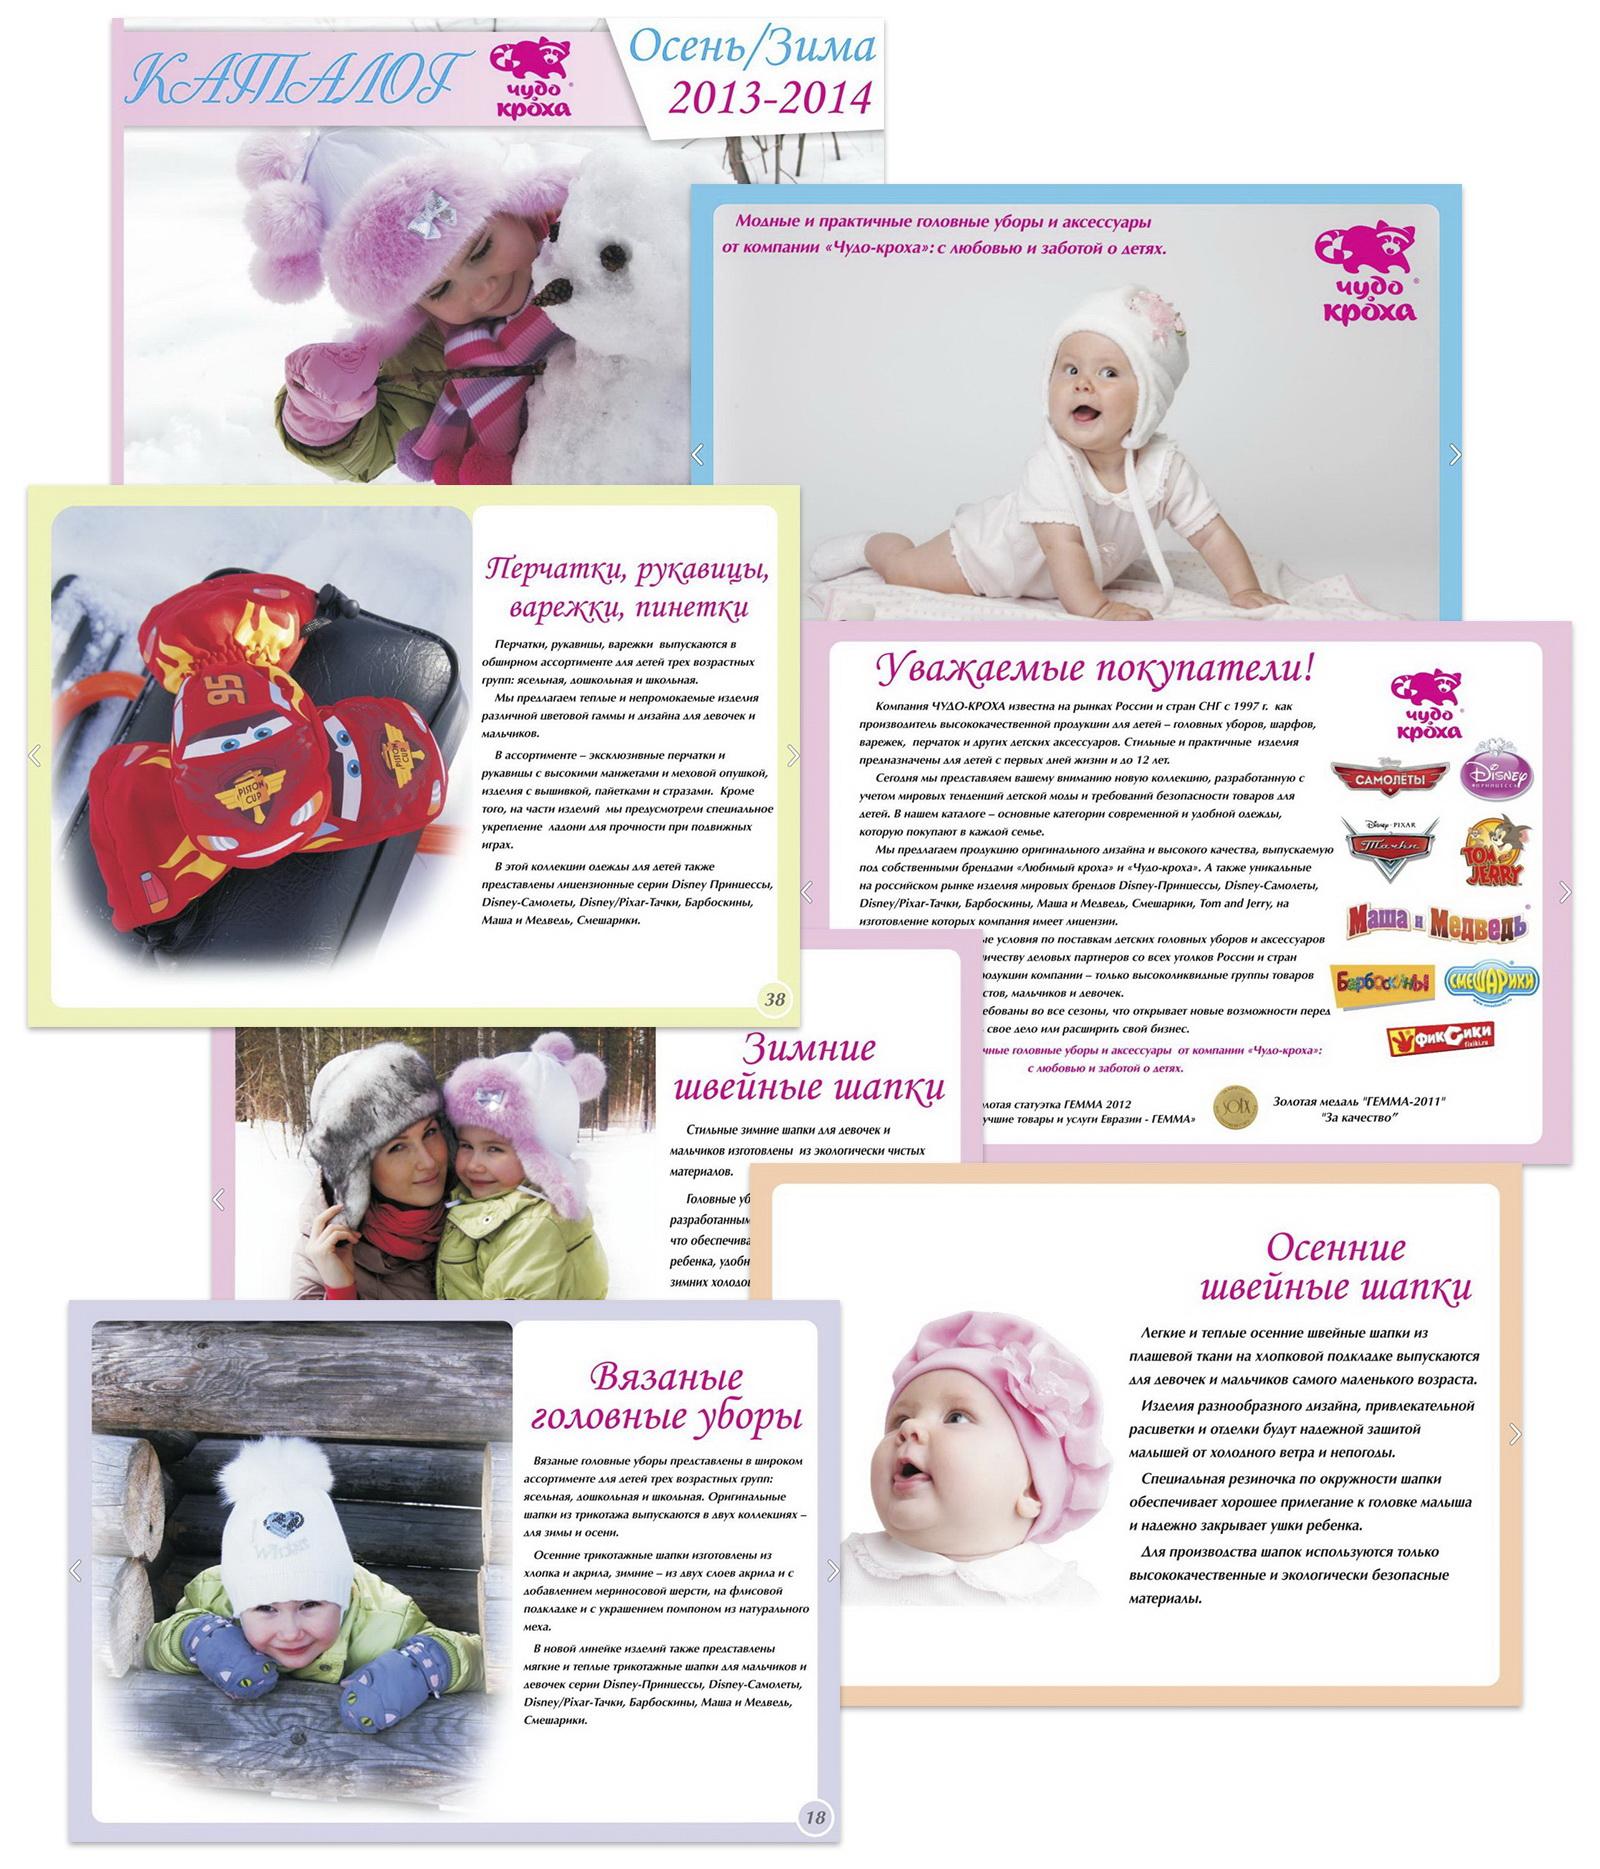 Рекламные тексты для каталога детской одежды